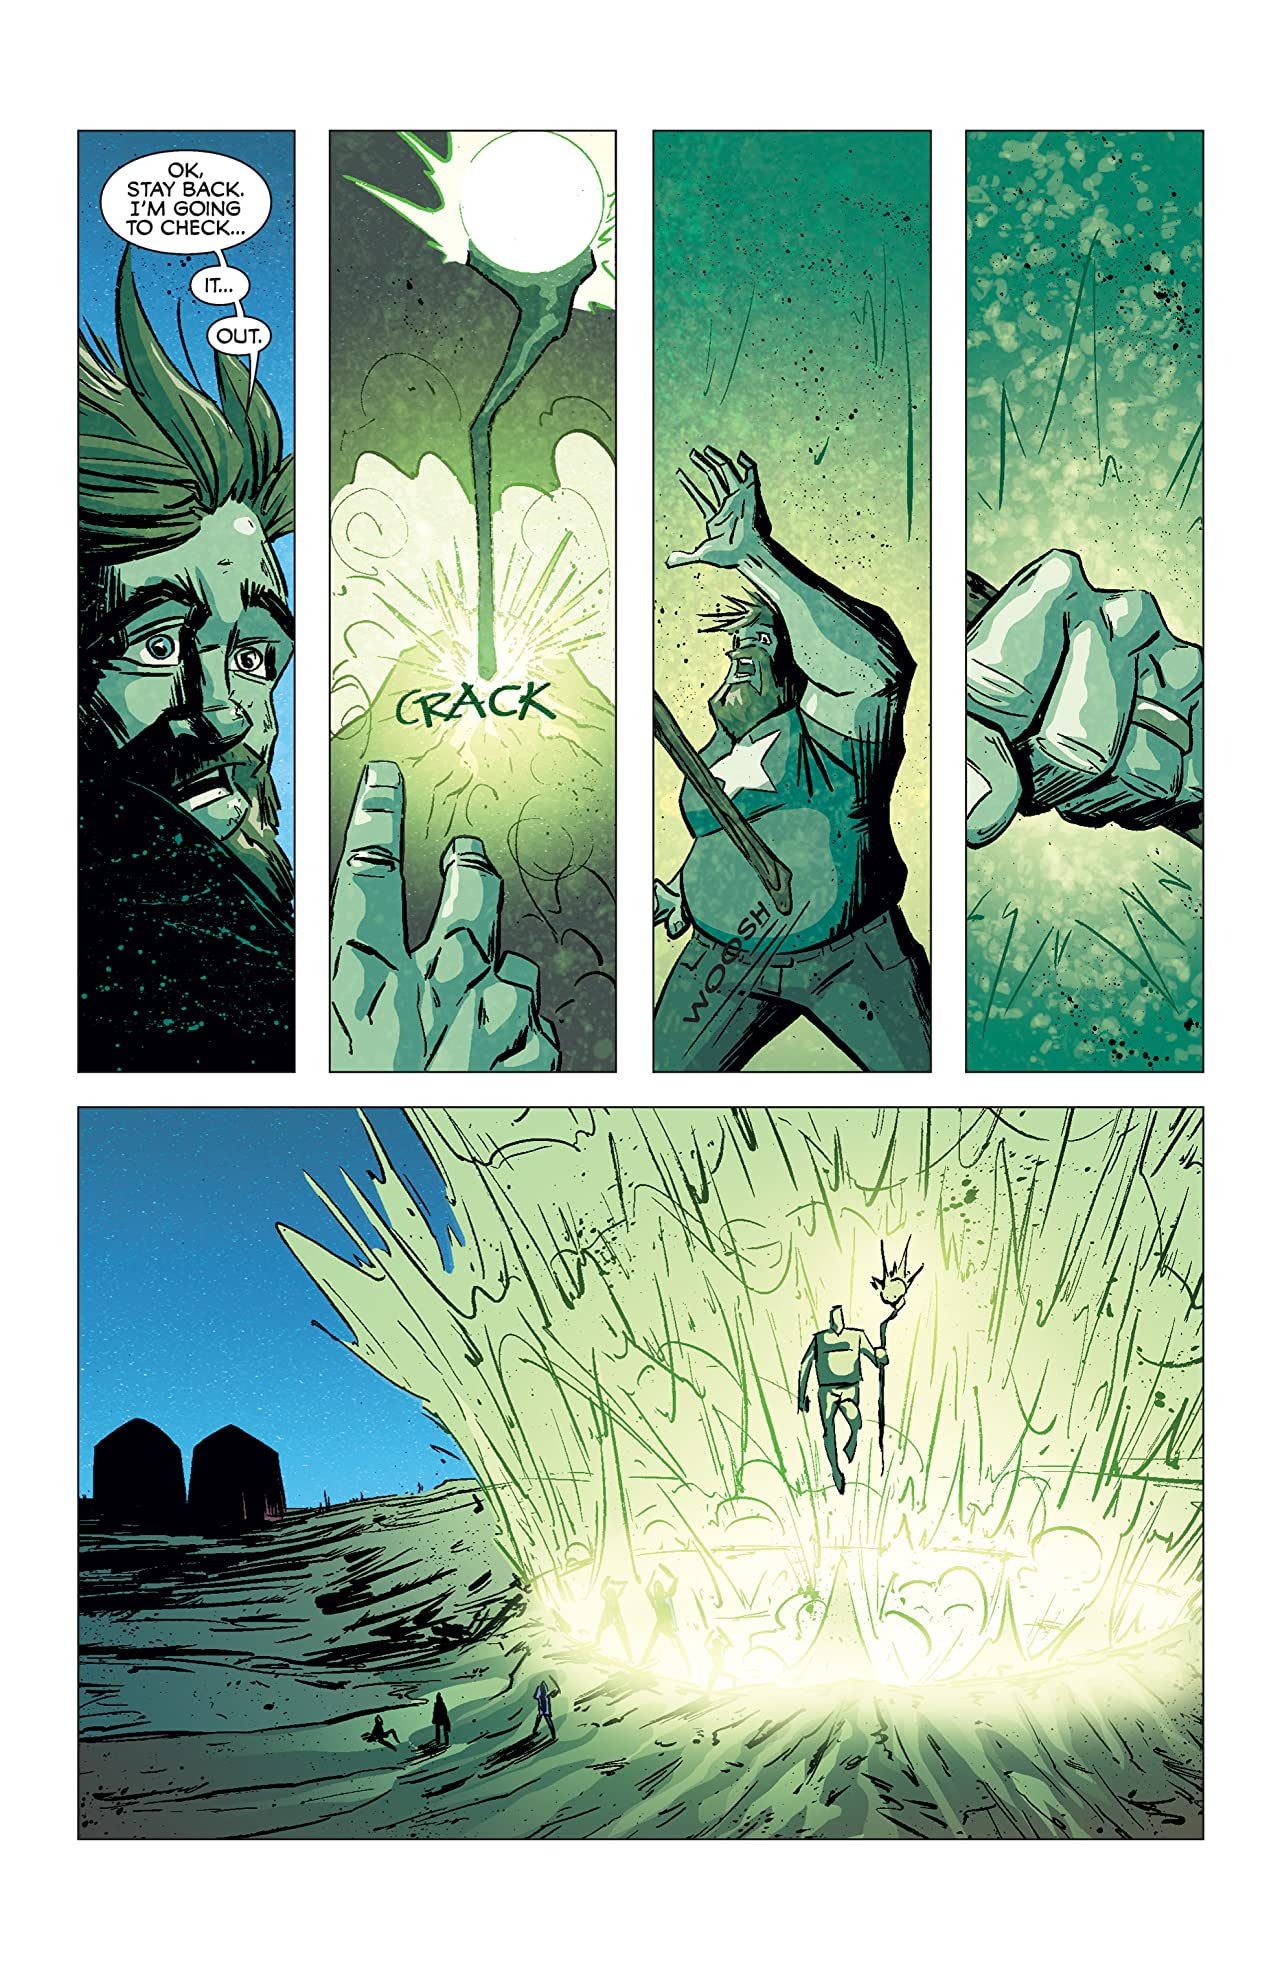 Adventures of Auroraman #0